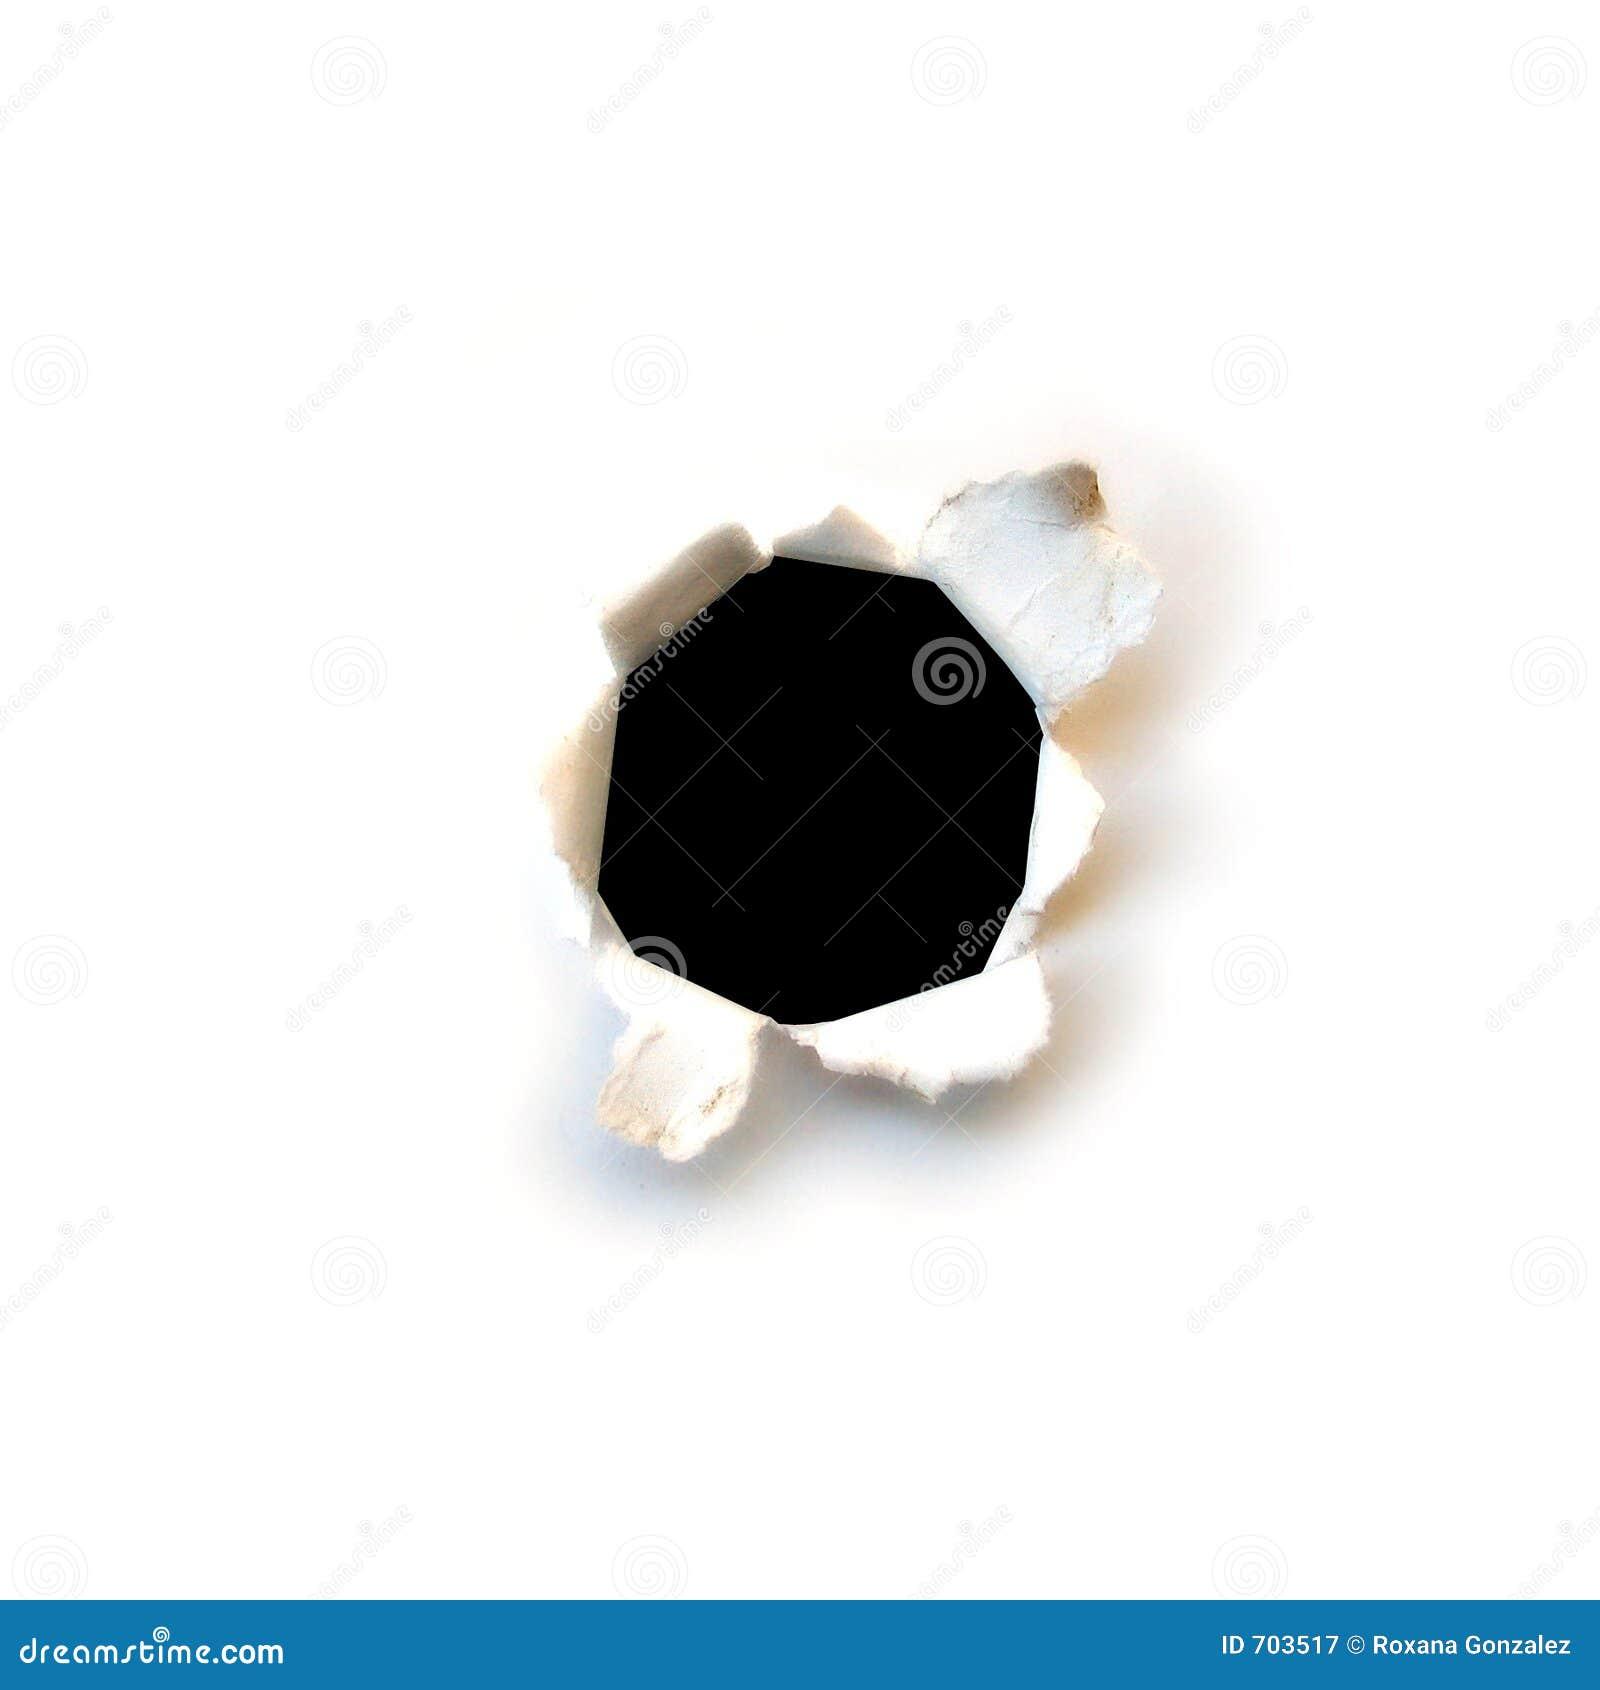 Как вшопе сделать фон чёрным